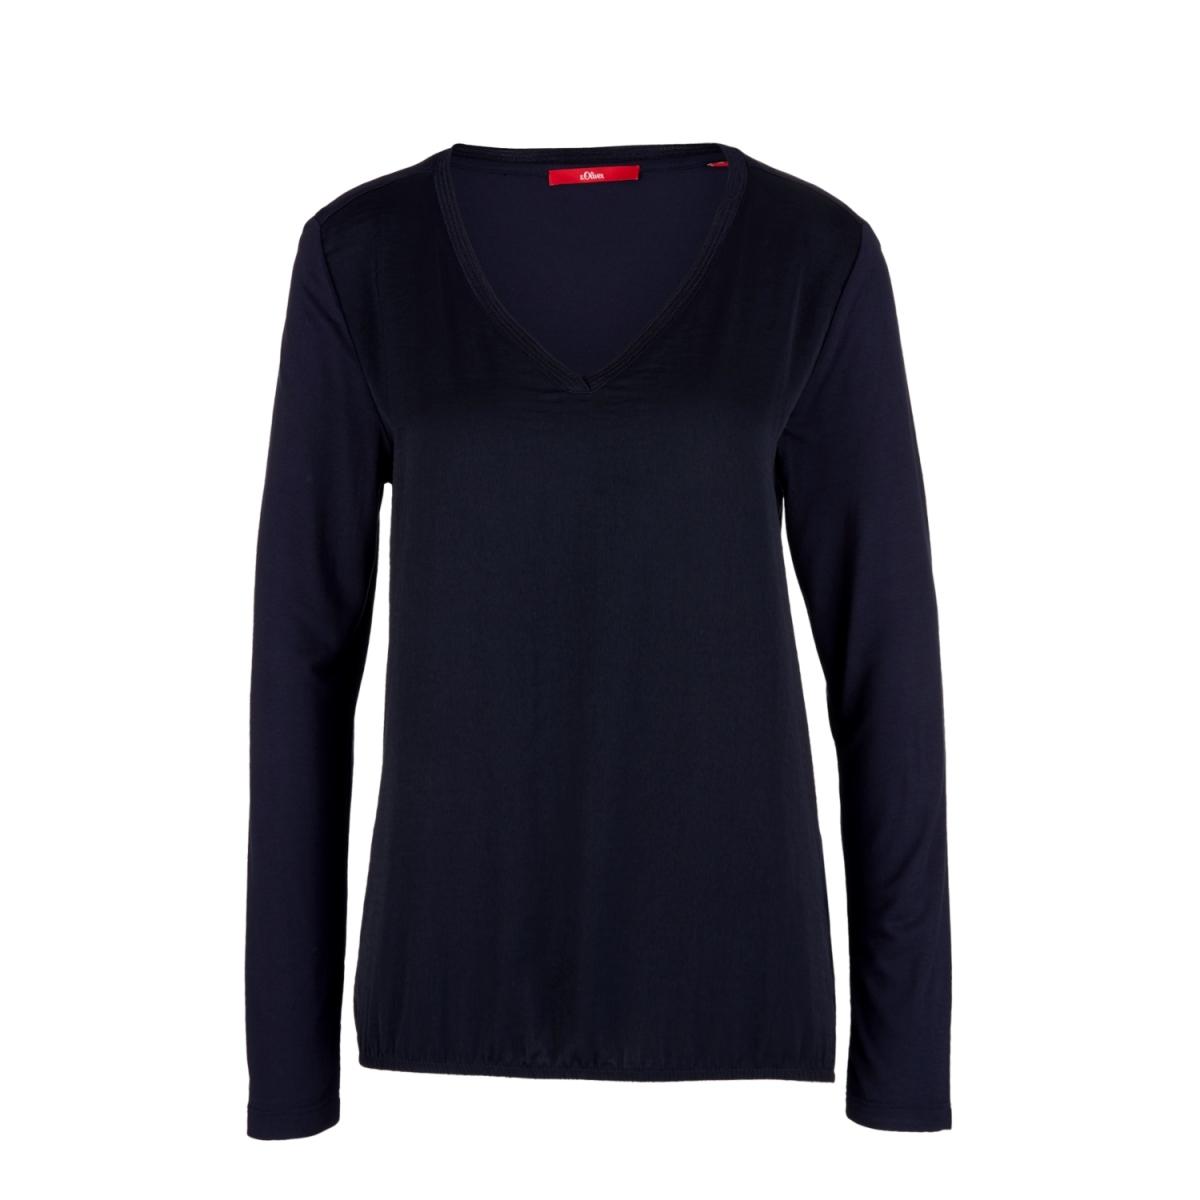 t shirt met v hals 04899315349 s.oliver t-shirt 5959